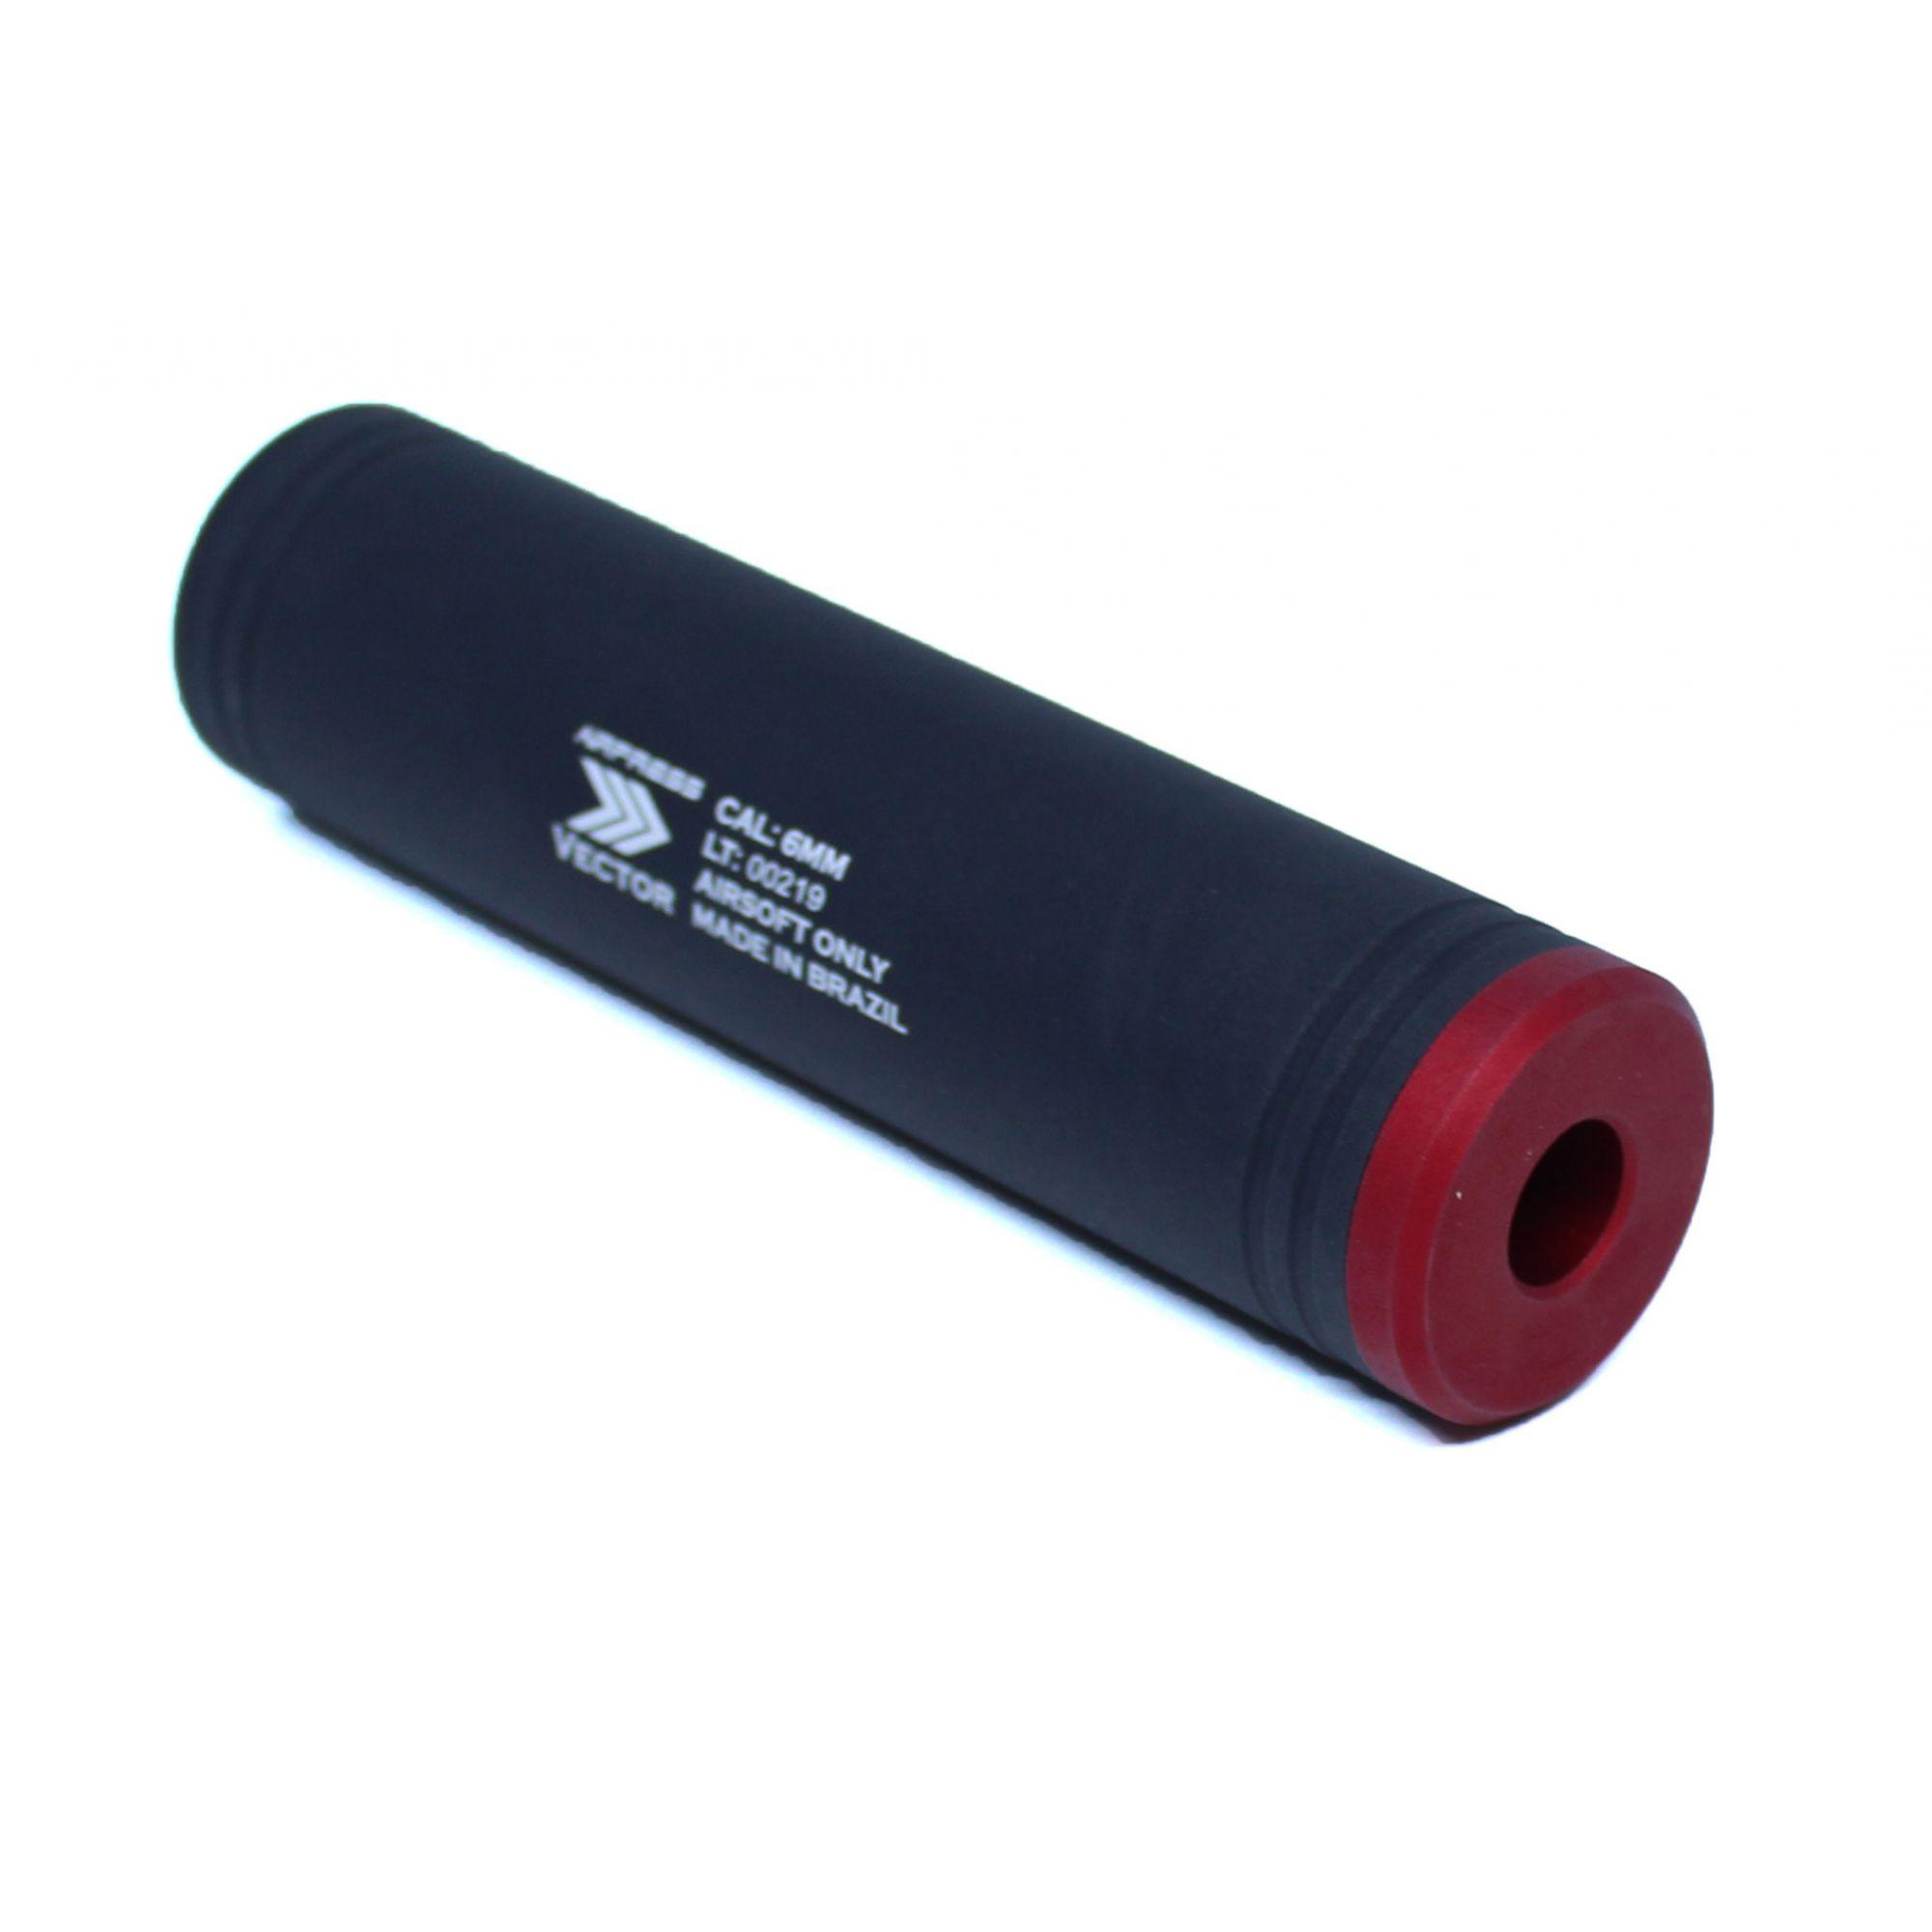 Silenciador Liso 140mm x 35mm - Esquerdo